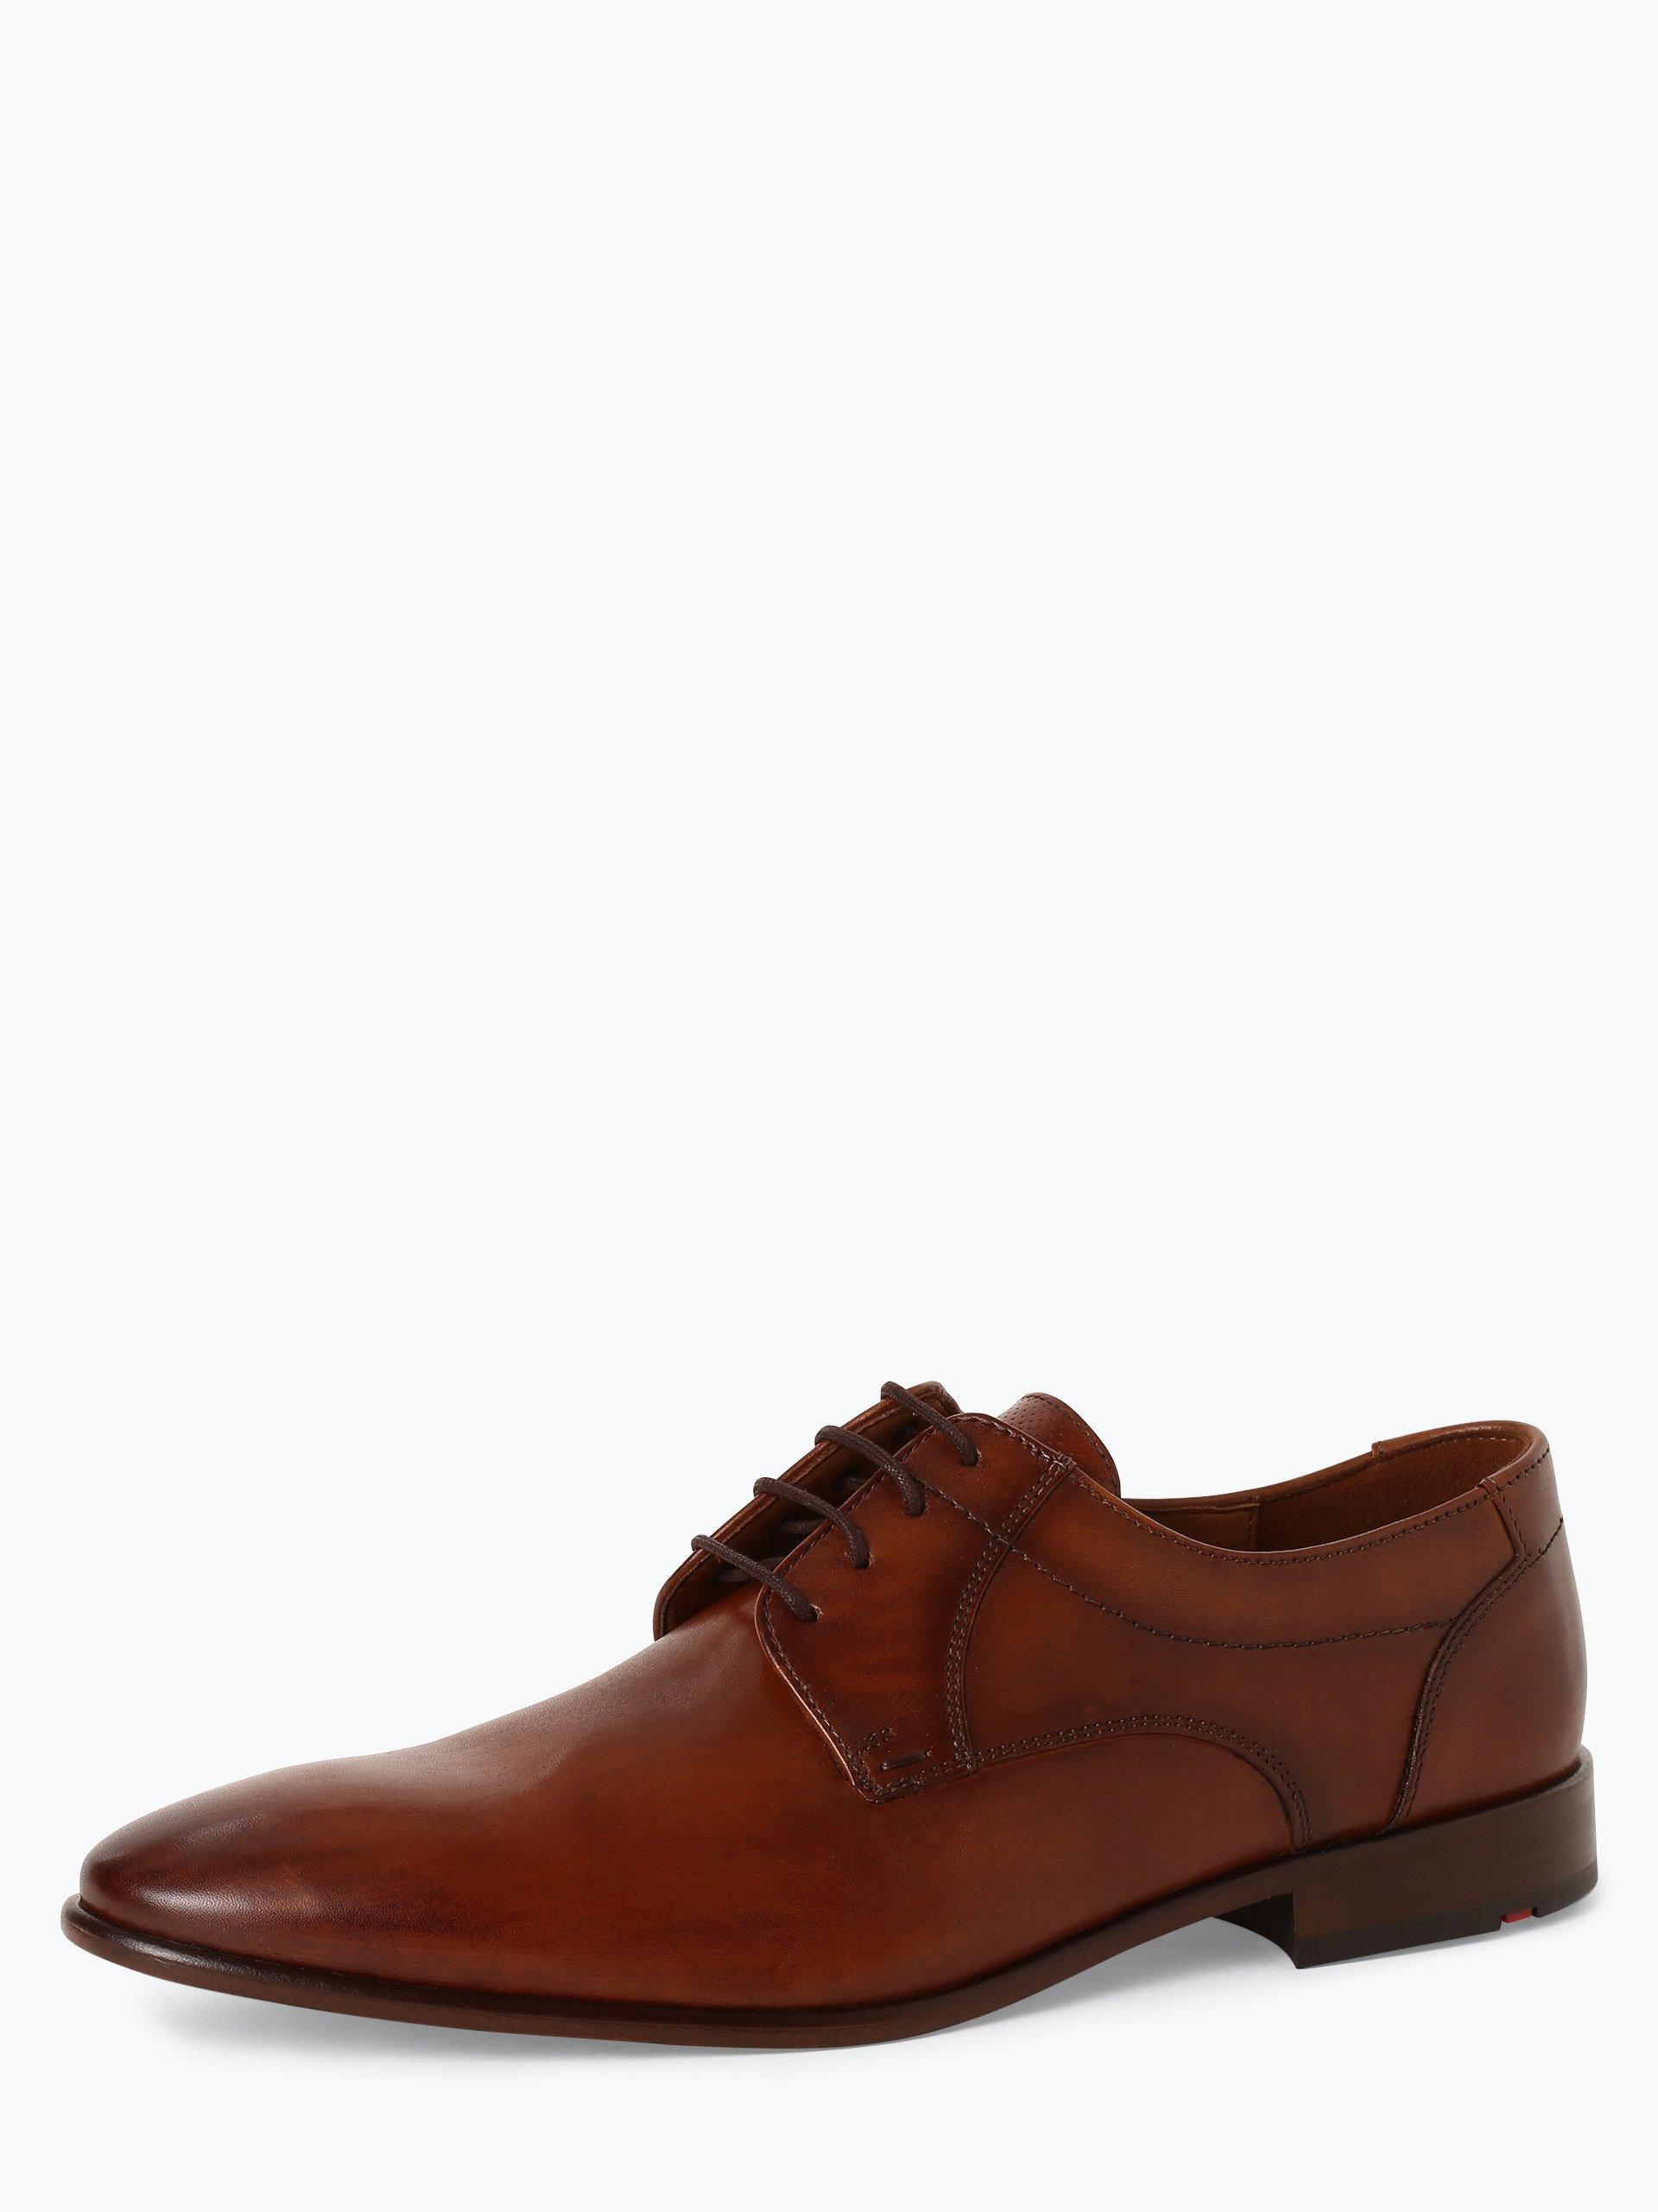 Lloyd Męskie buty sznurowane ze skóry – Manon